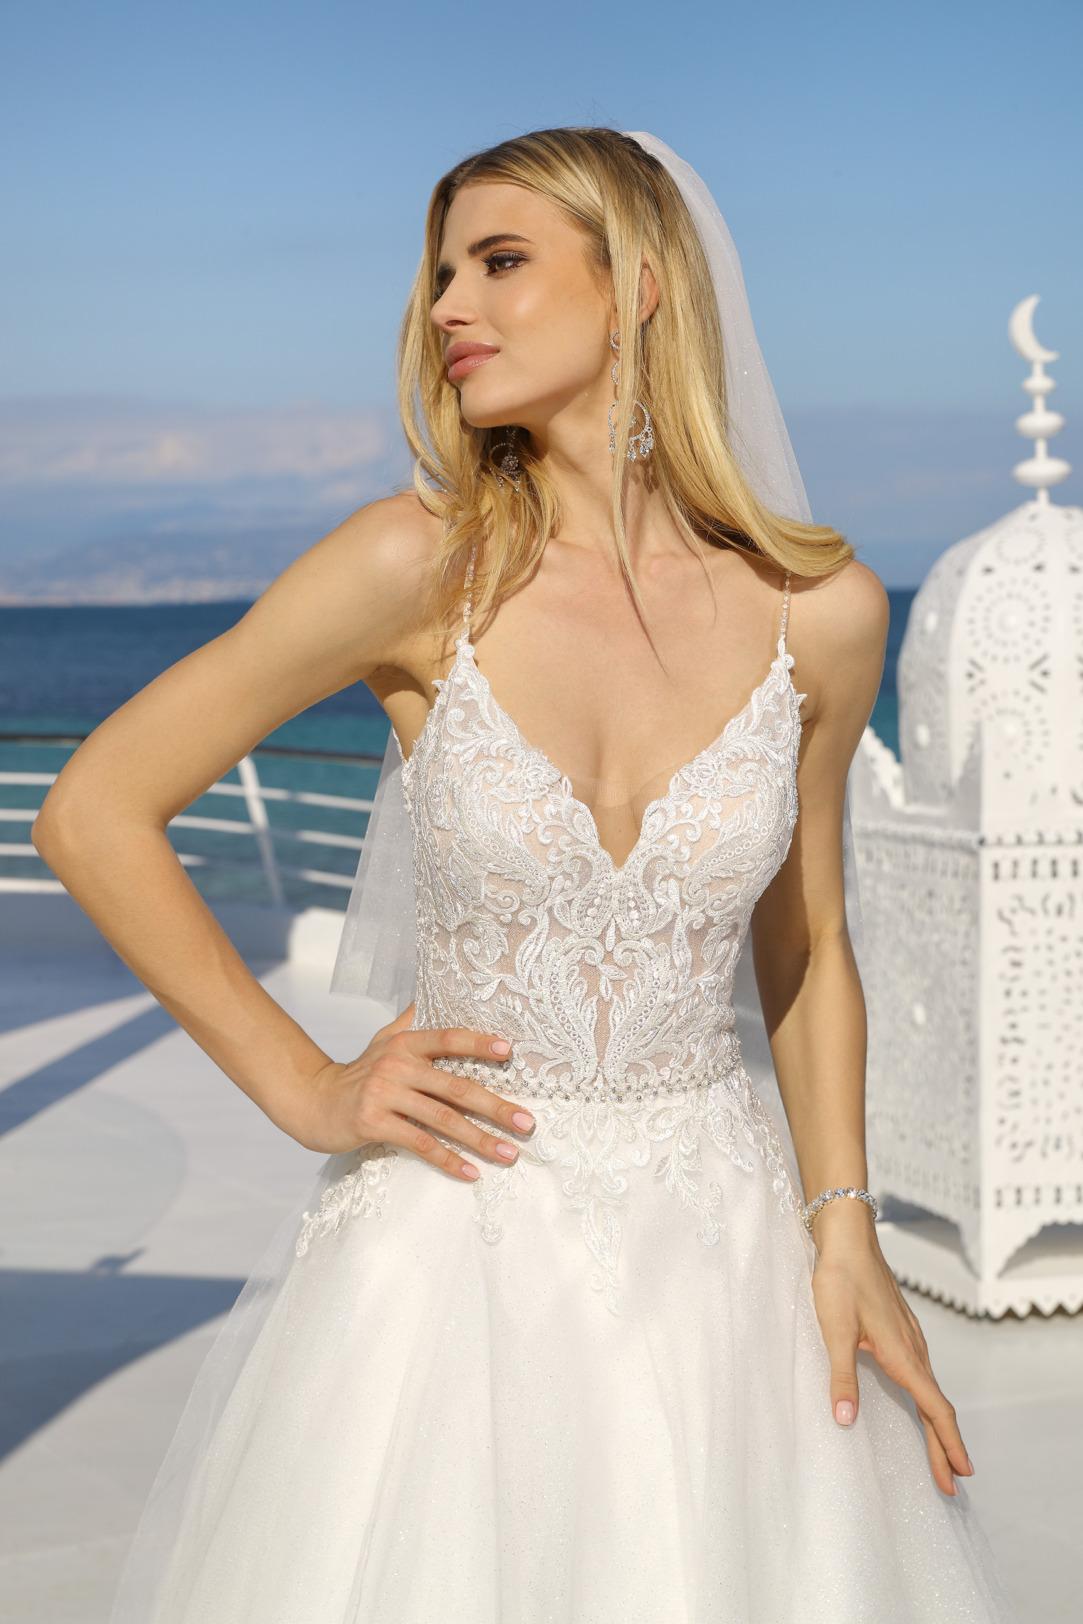 DetailansichtDetailansicht Hochzeitskleid in A-Linie von Ladybird Modell 321018. Brautkleid in A-Linie mit tiefem V Ausschnitt und feinem Spitzen Oberteil. Dieses traumhaftschöne Brautkleid hat Spagetti Träger und einen weiten Rock mit Glitzertüll.